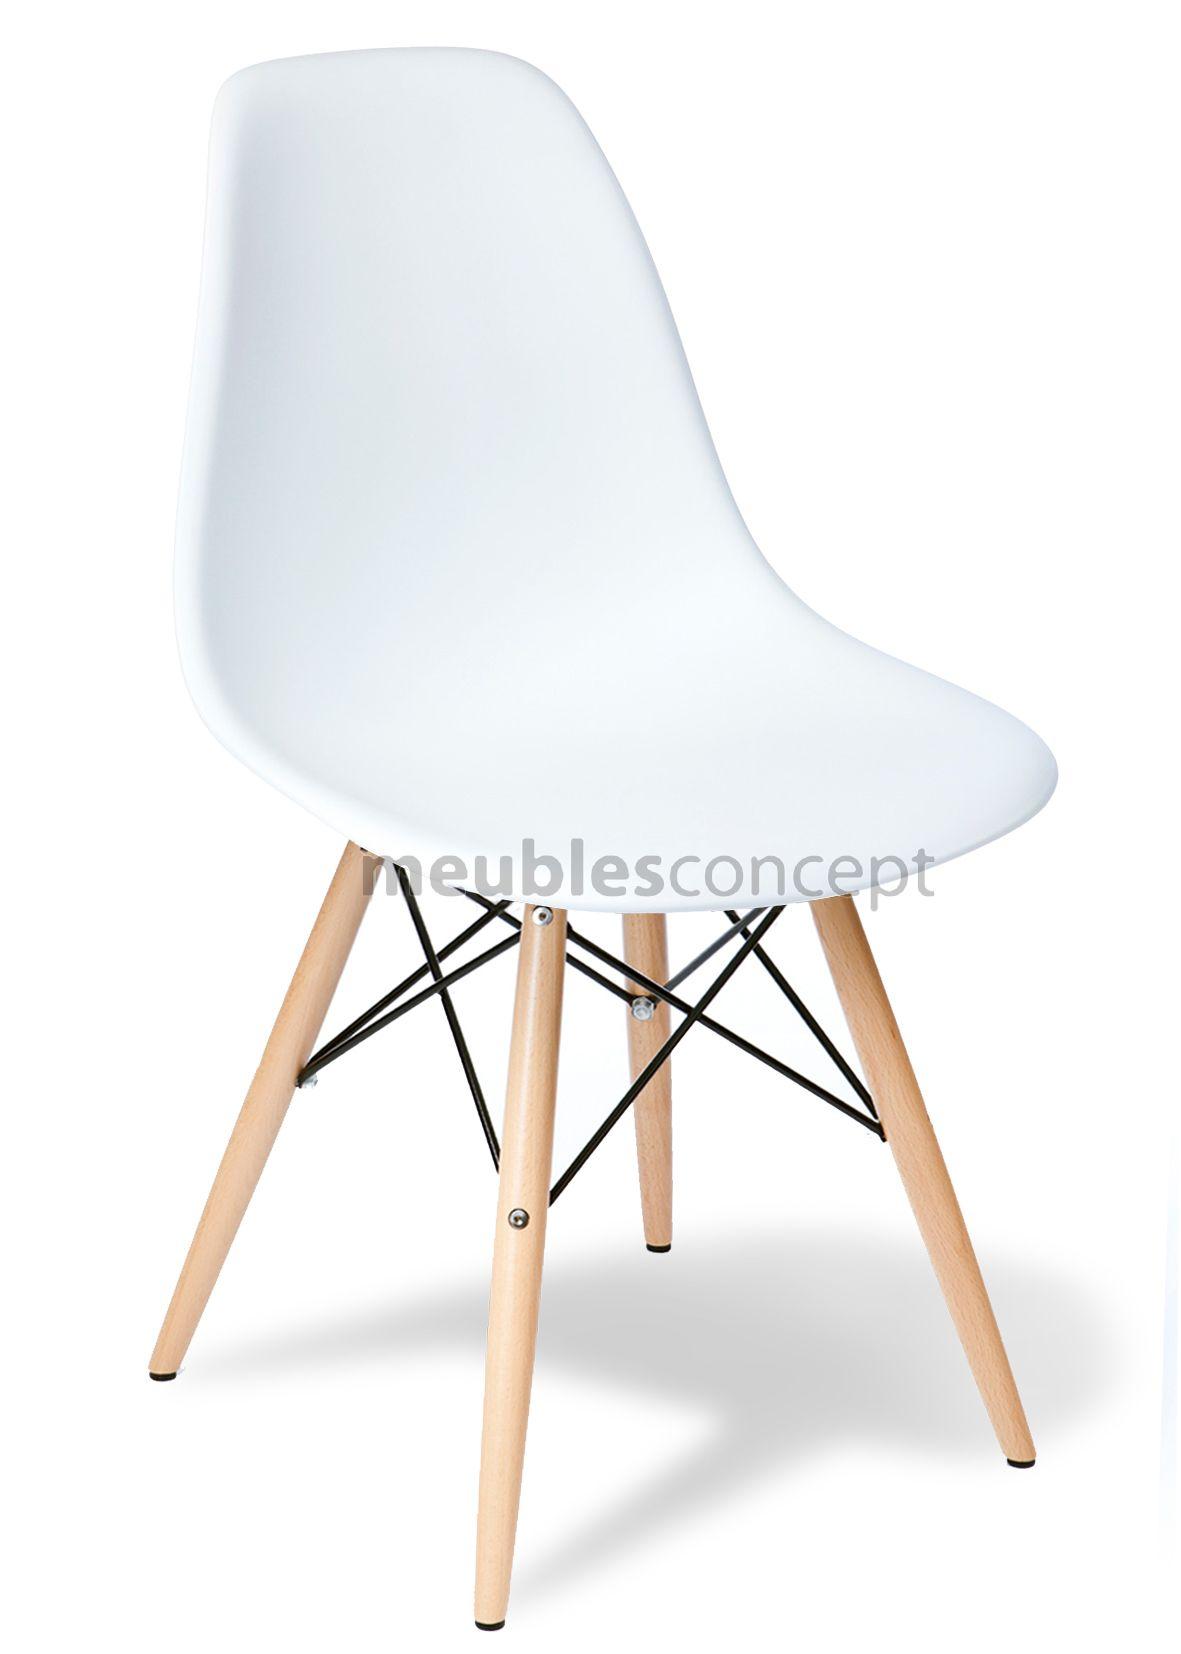 0d37959c9c8c3e25ac1b5837beddc5ca Meilleur De De Meuble De Style Des Idées